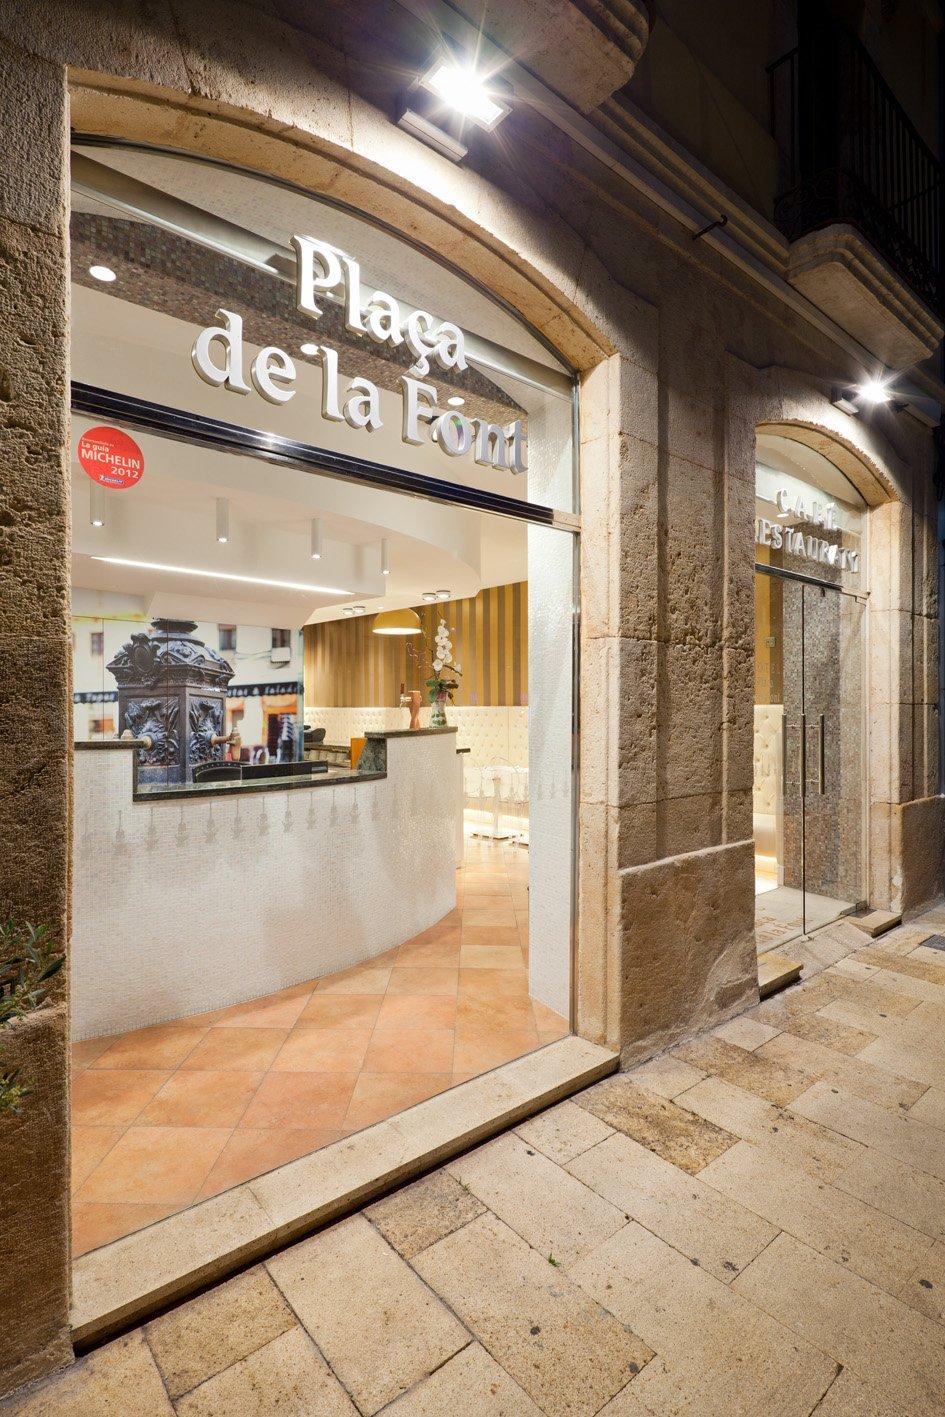 hotel_la_fontnombre_del_documento_32-cf0b5bddd3b091a71ecfcce48e82ac1f